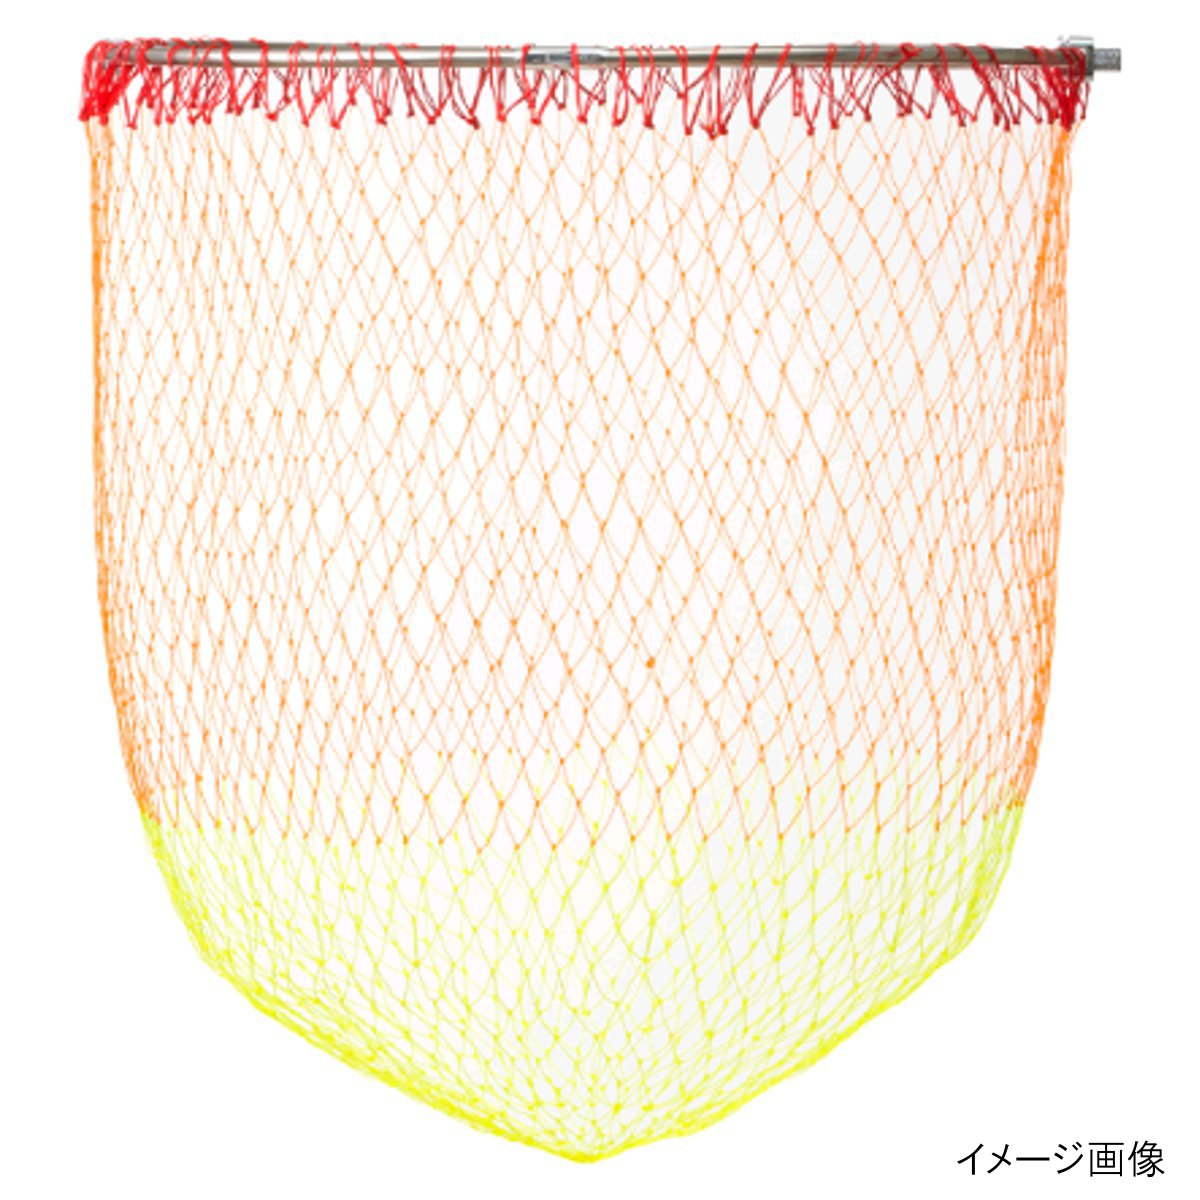 ダイワ 磯玉枠 網付き(A) 4-45 オレンジ/イエロー